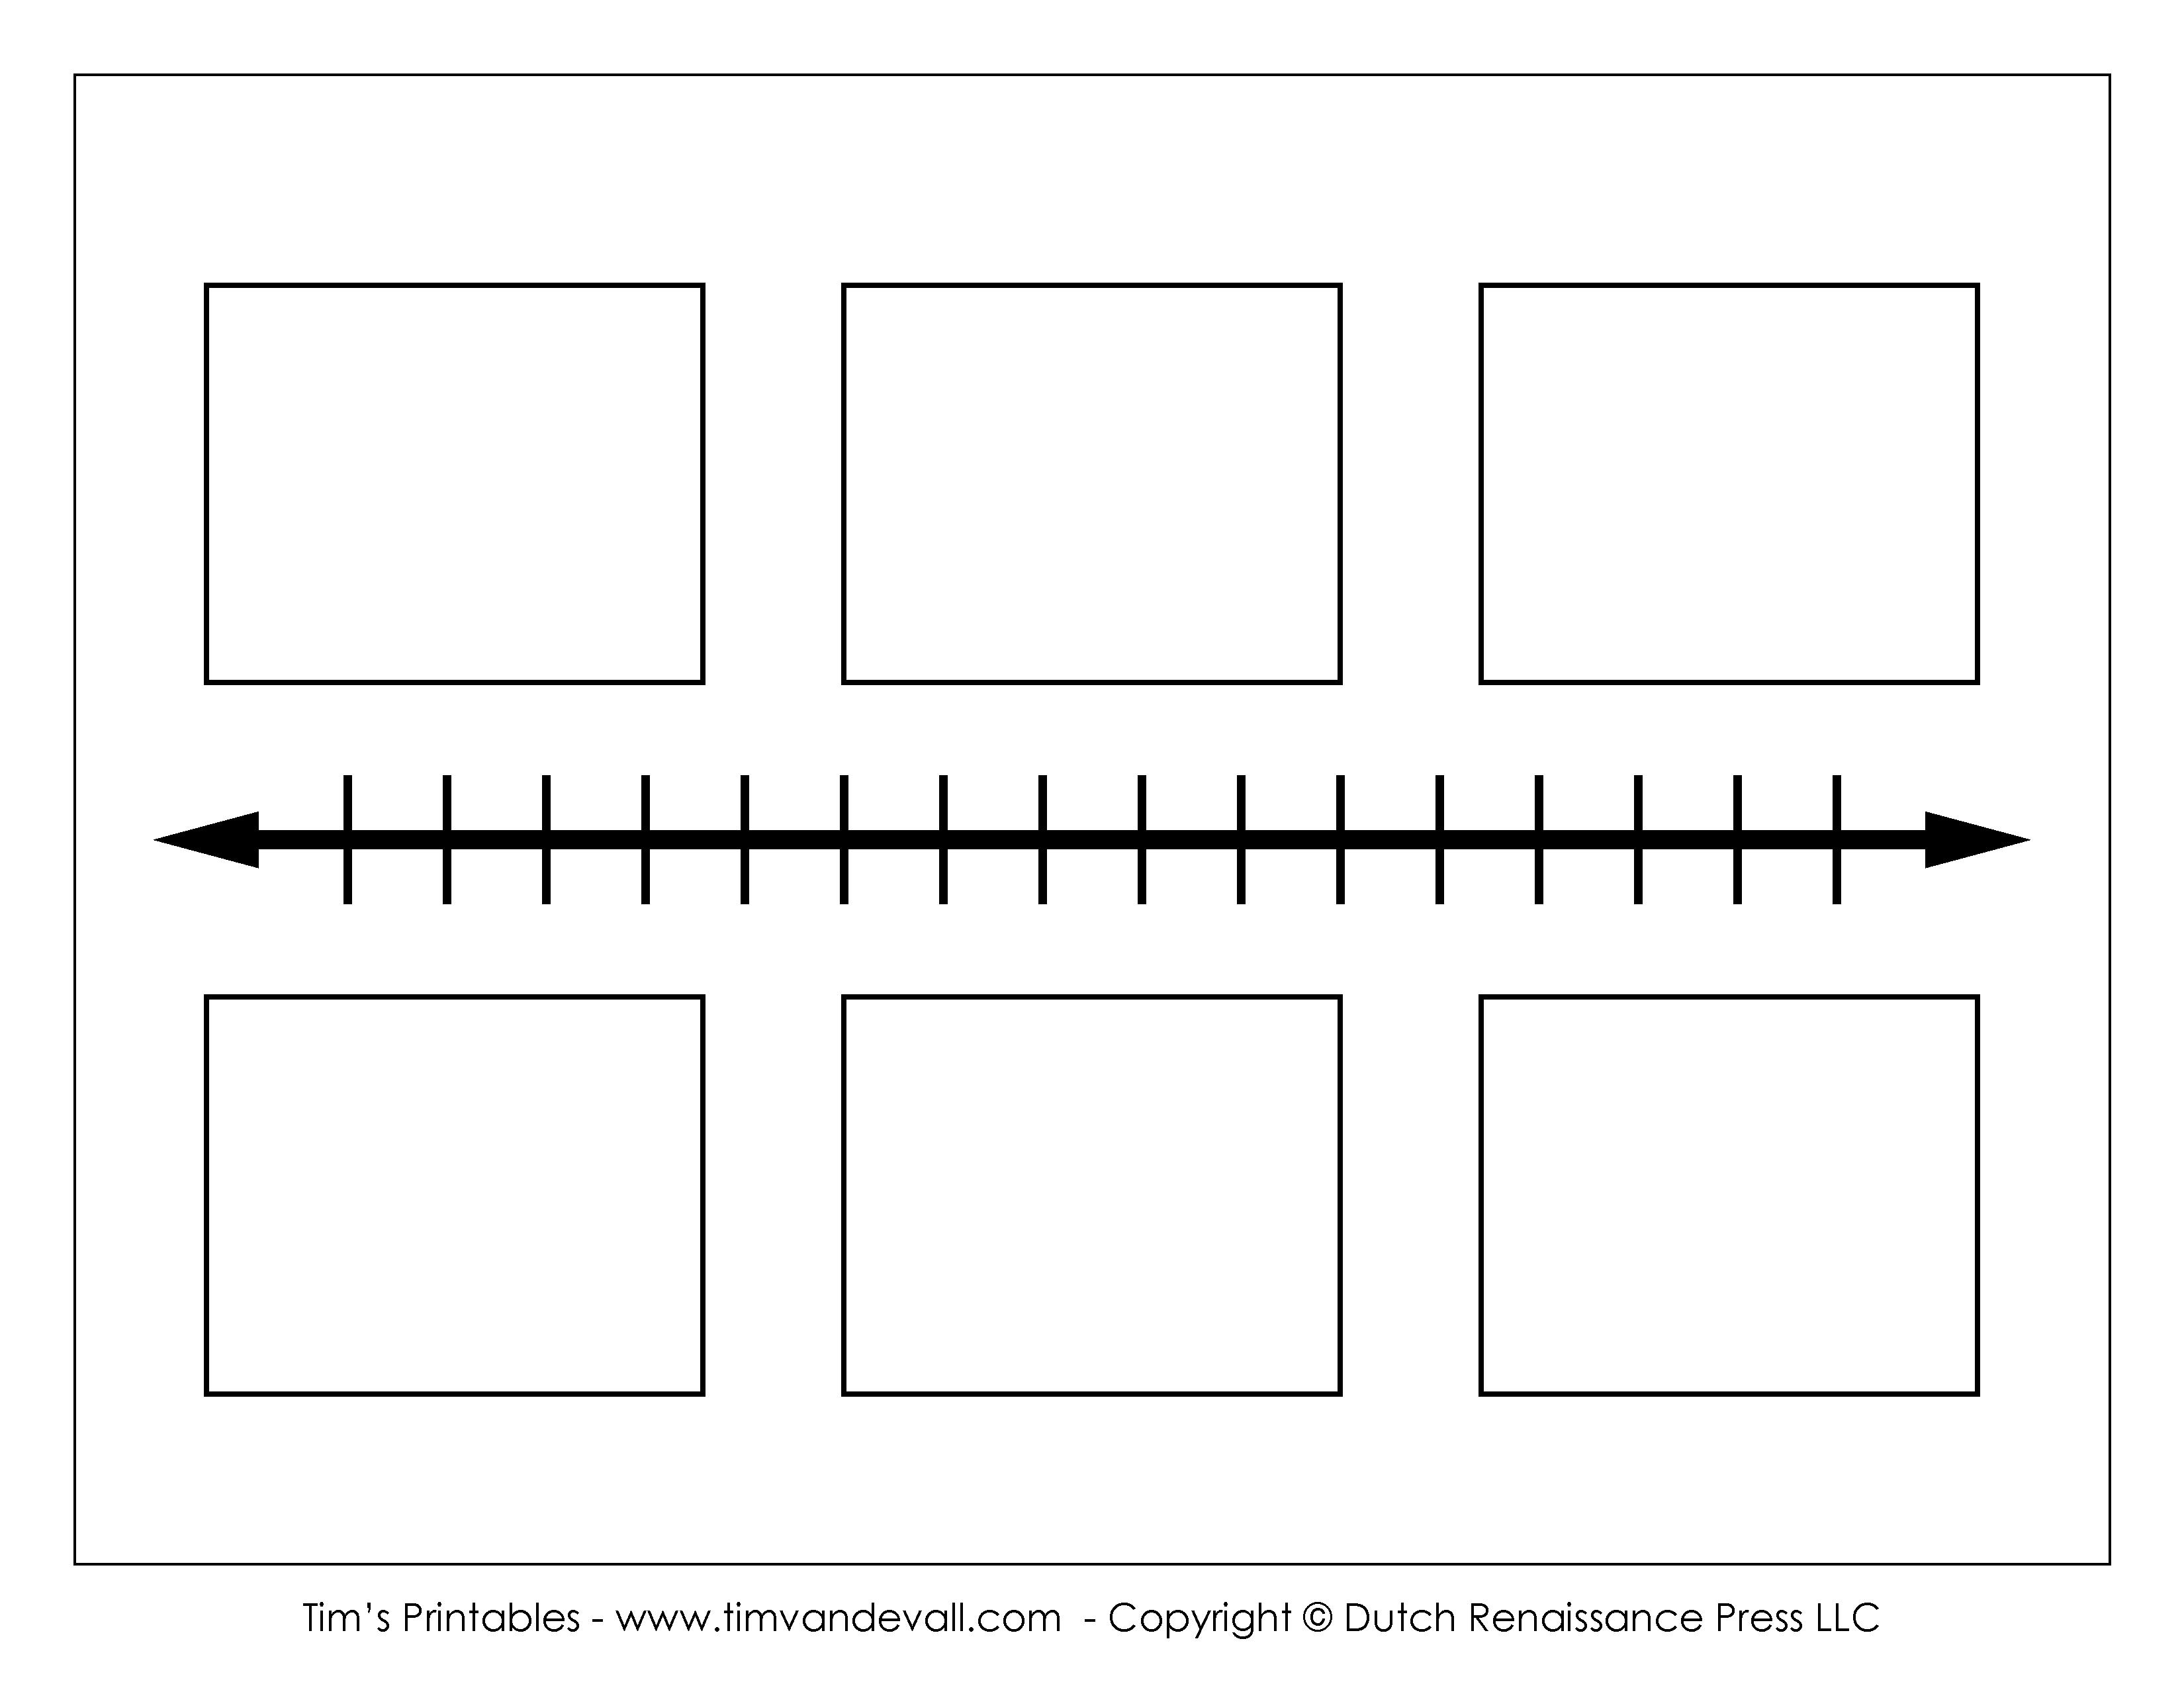 Printable Blank Timeline